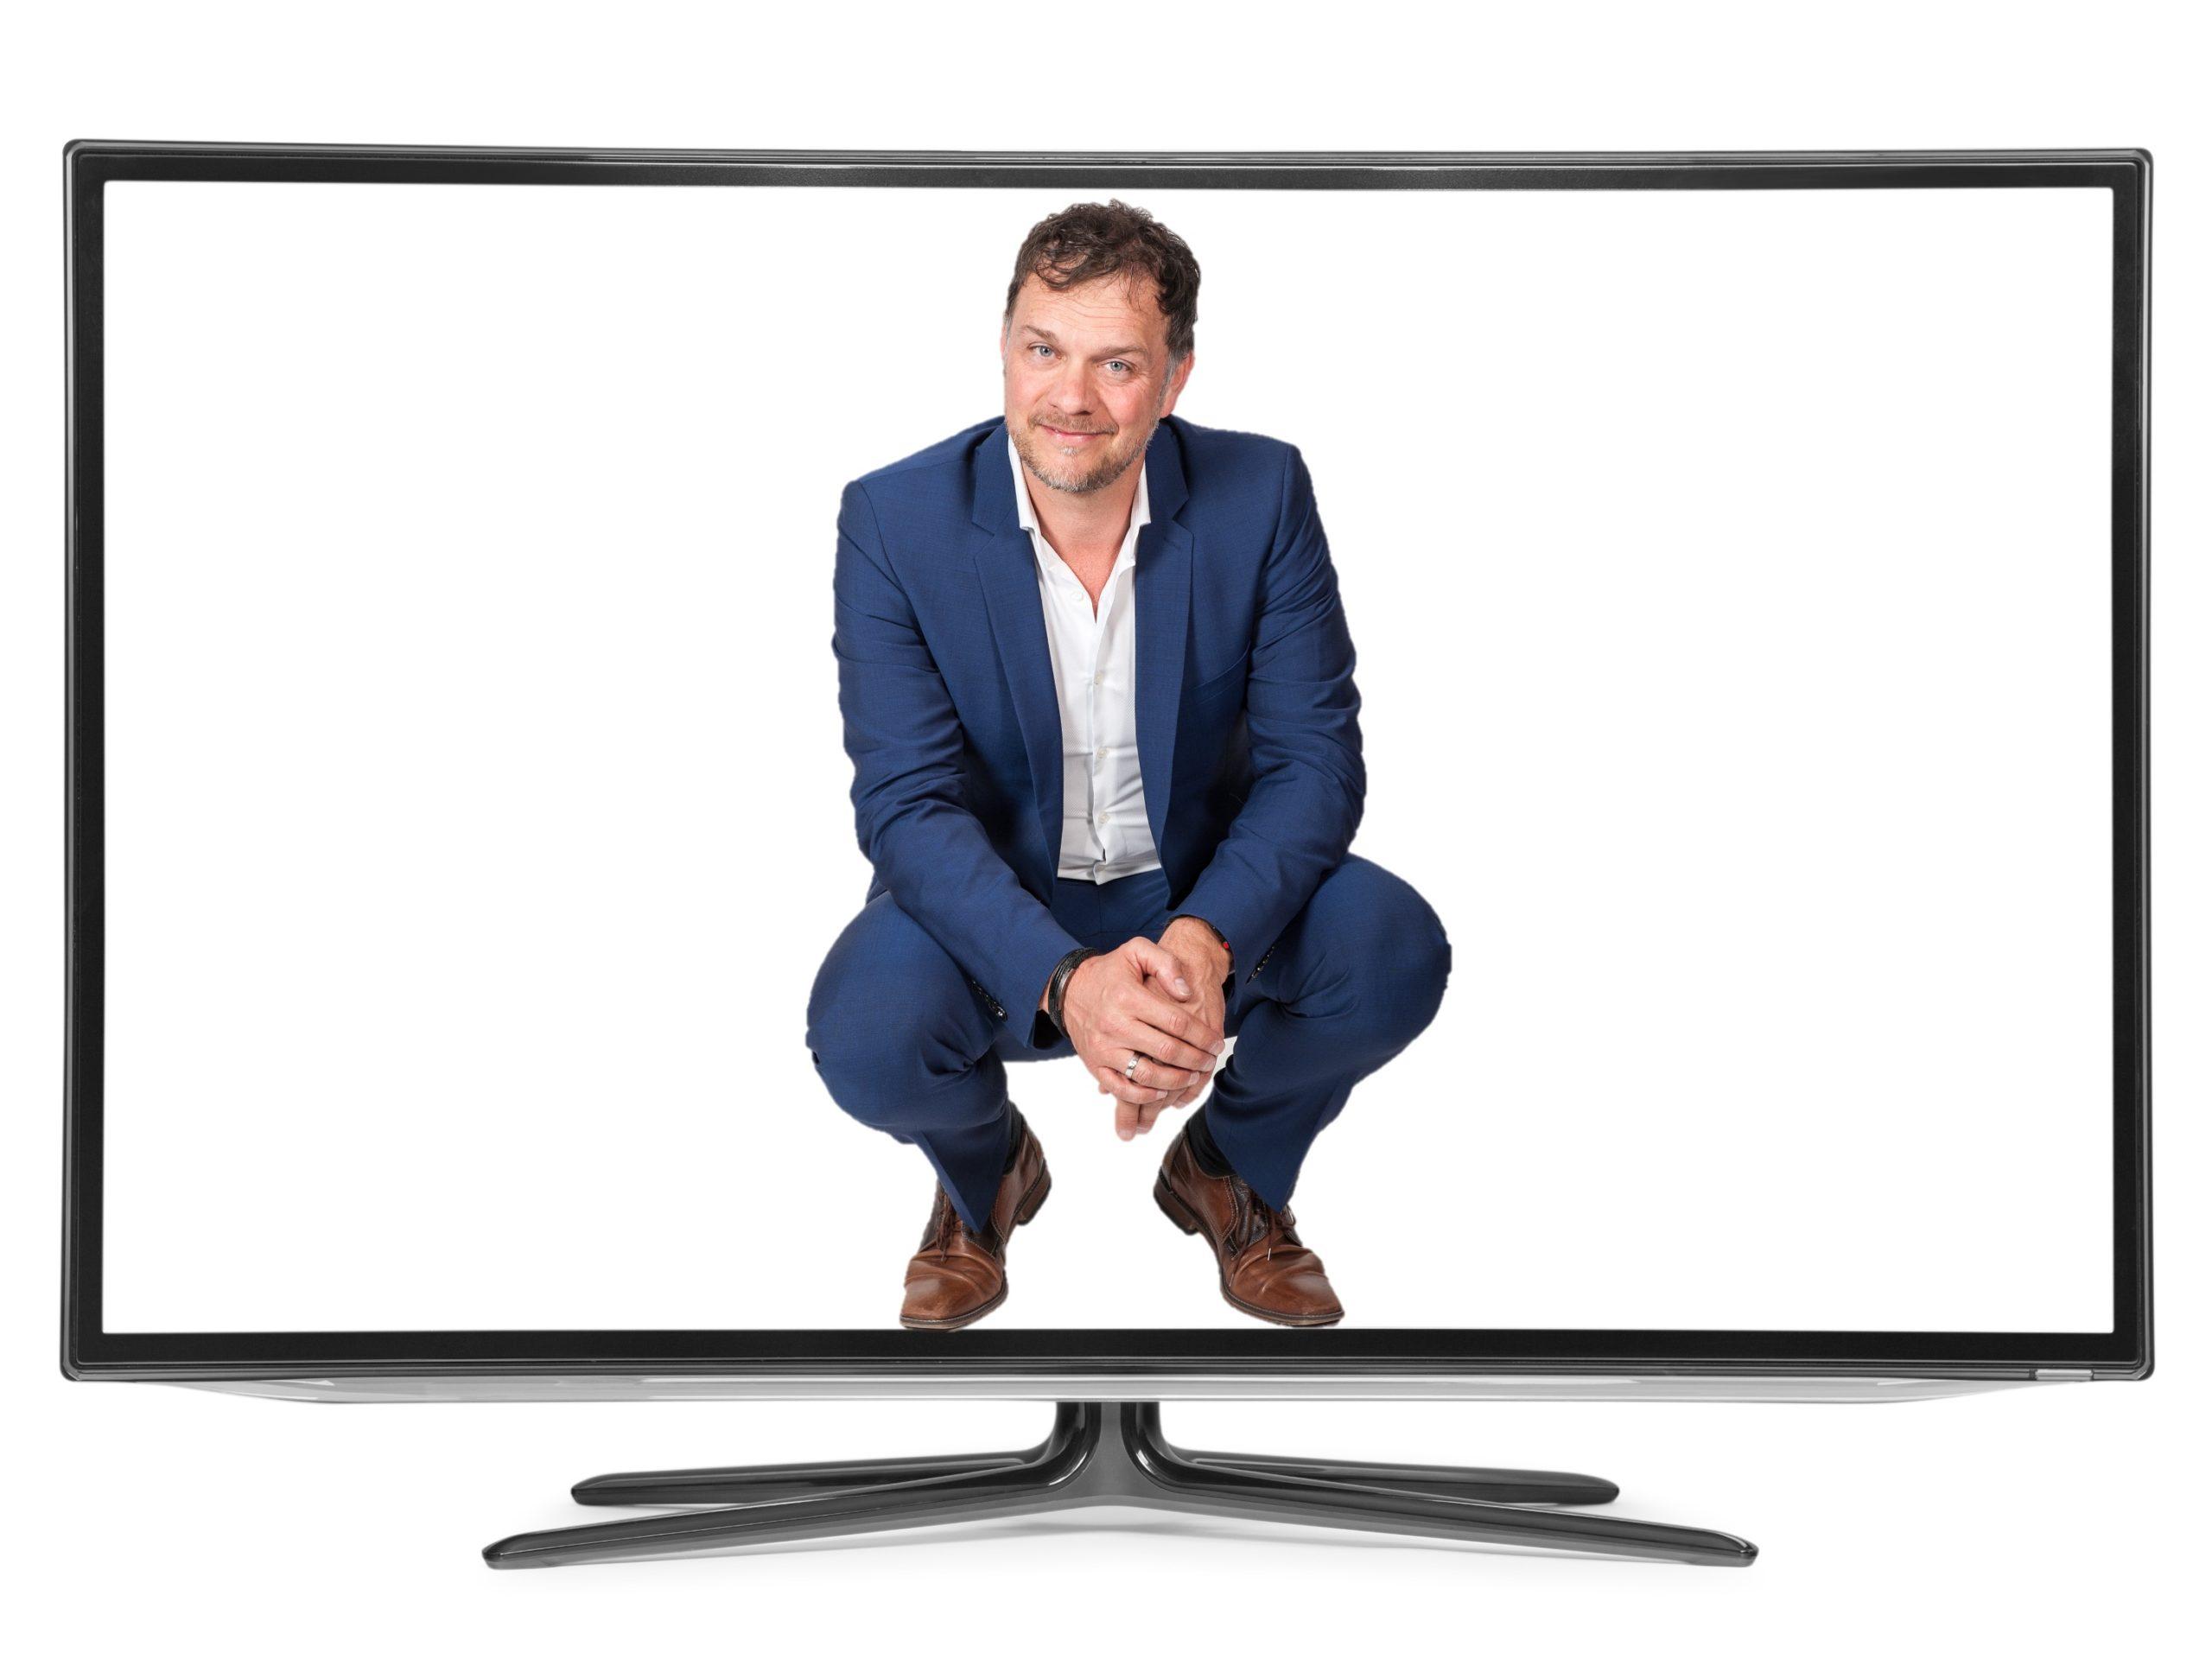 Mit TV - Dr. Volker Busch